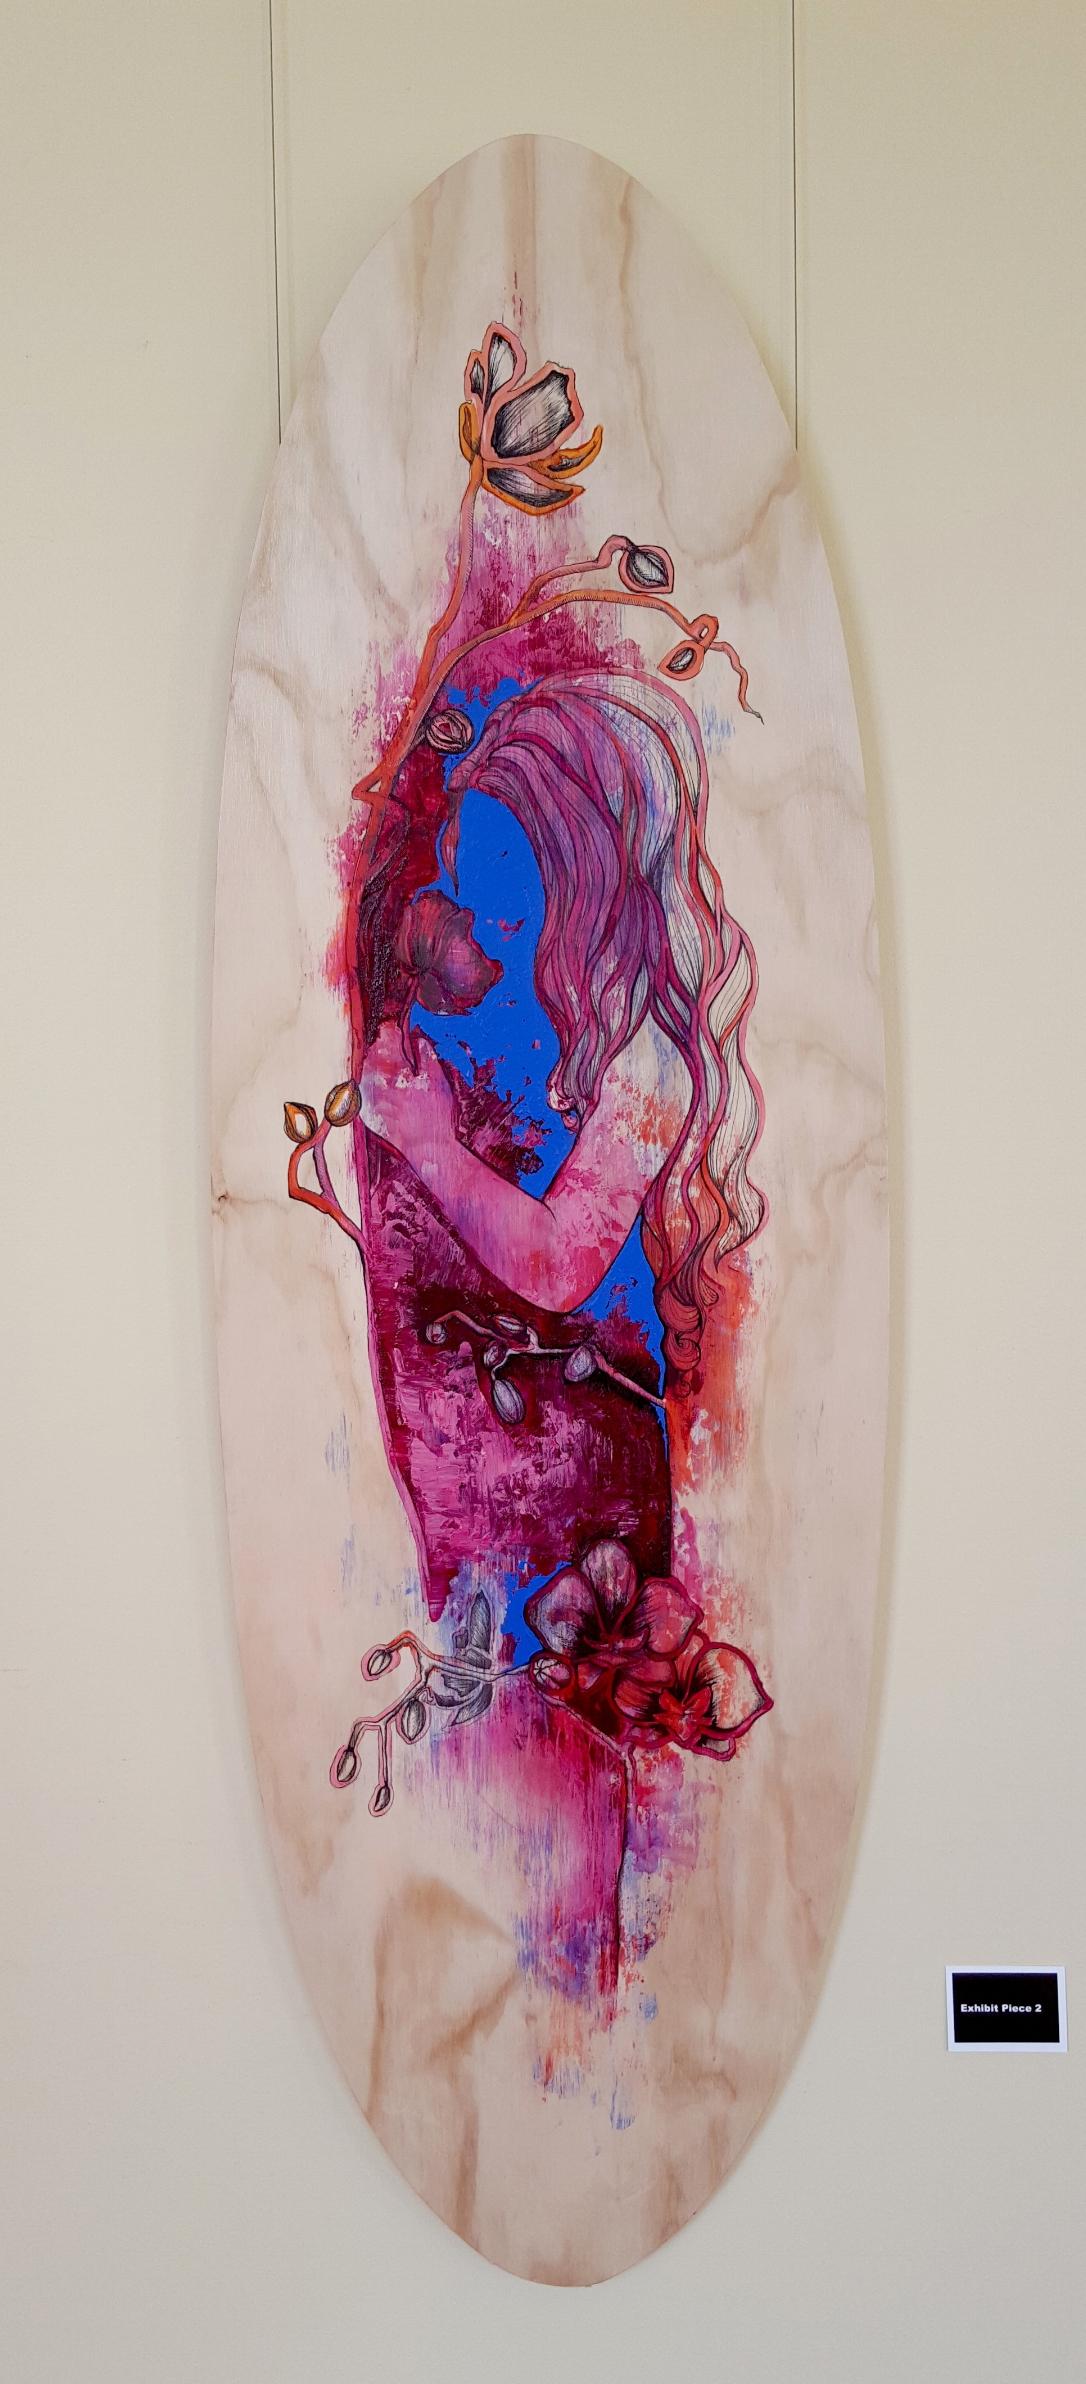 Exhibition Piece 2